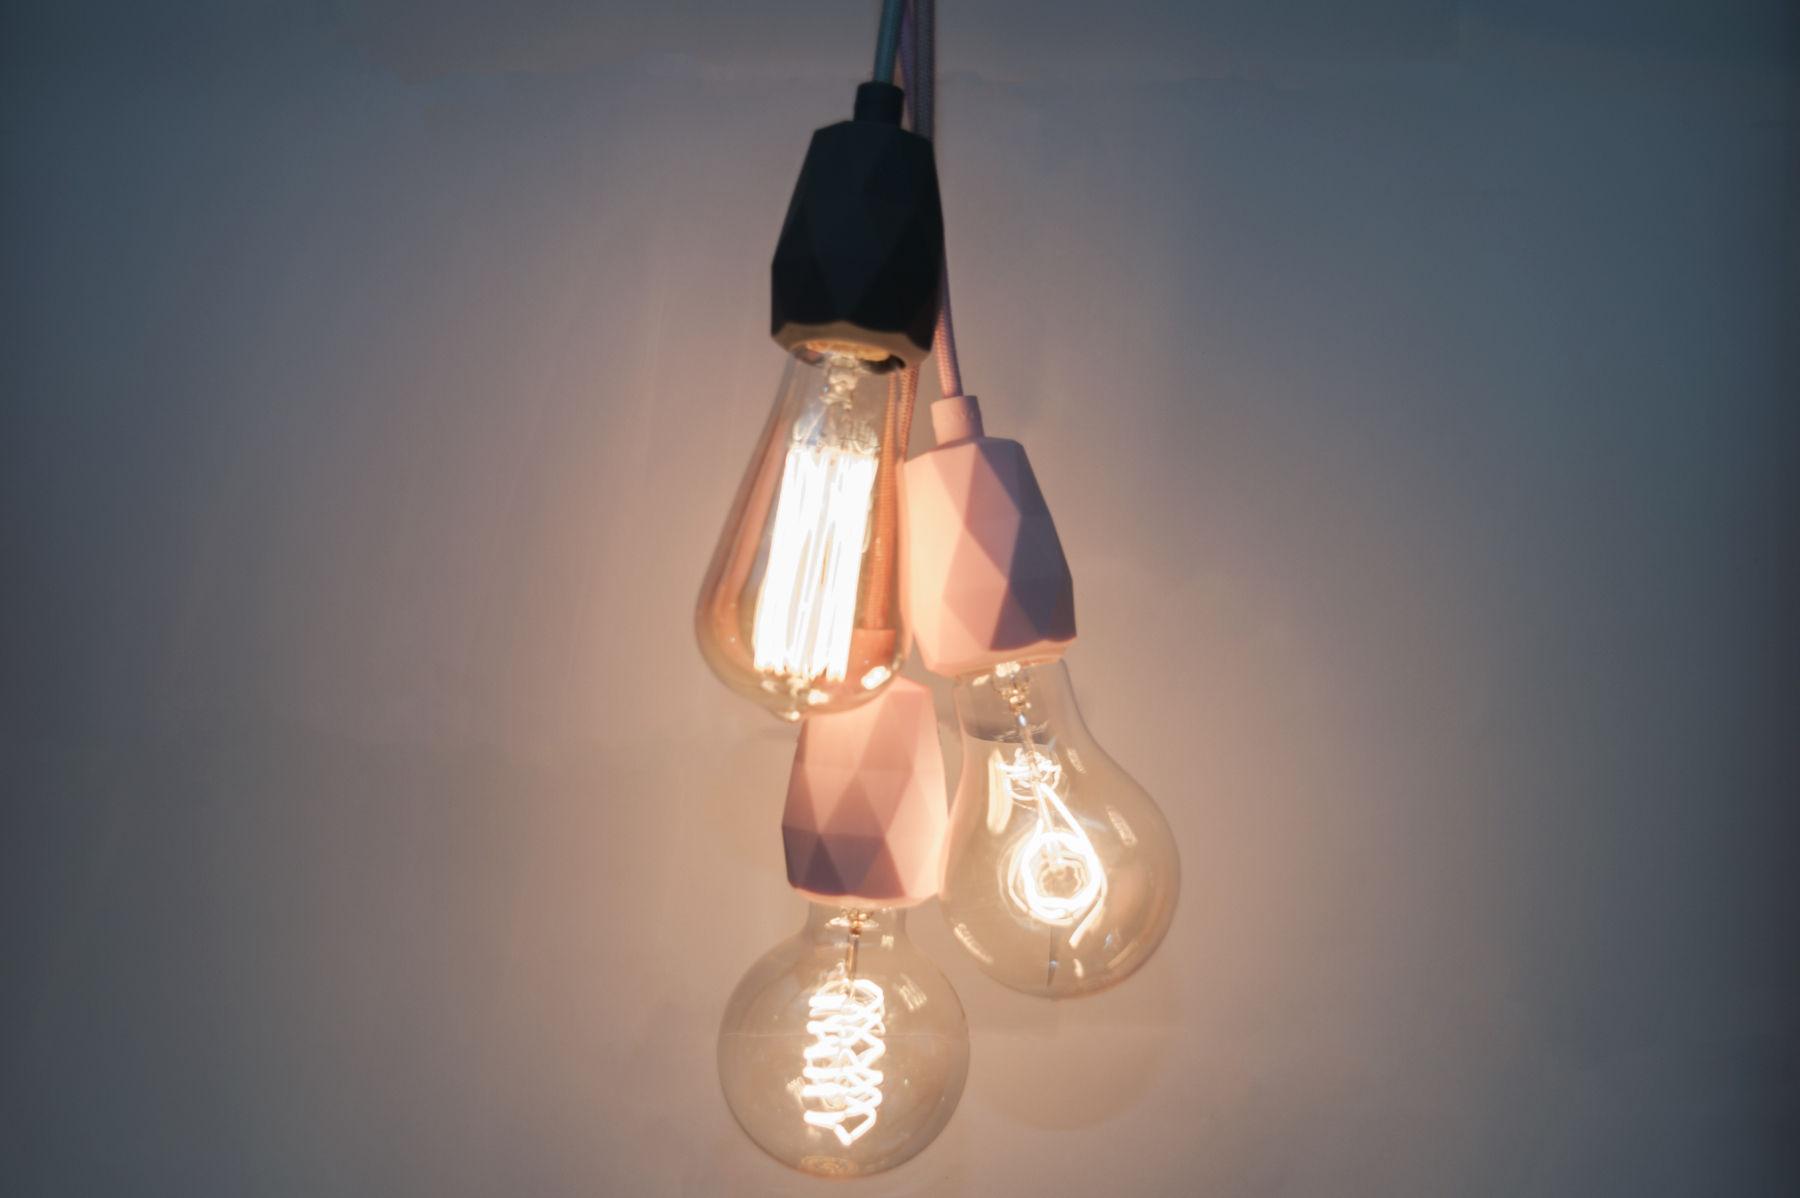 Függő fények a lakásban